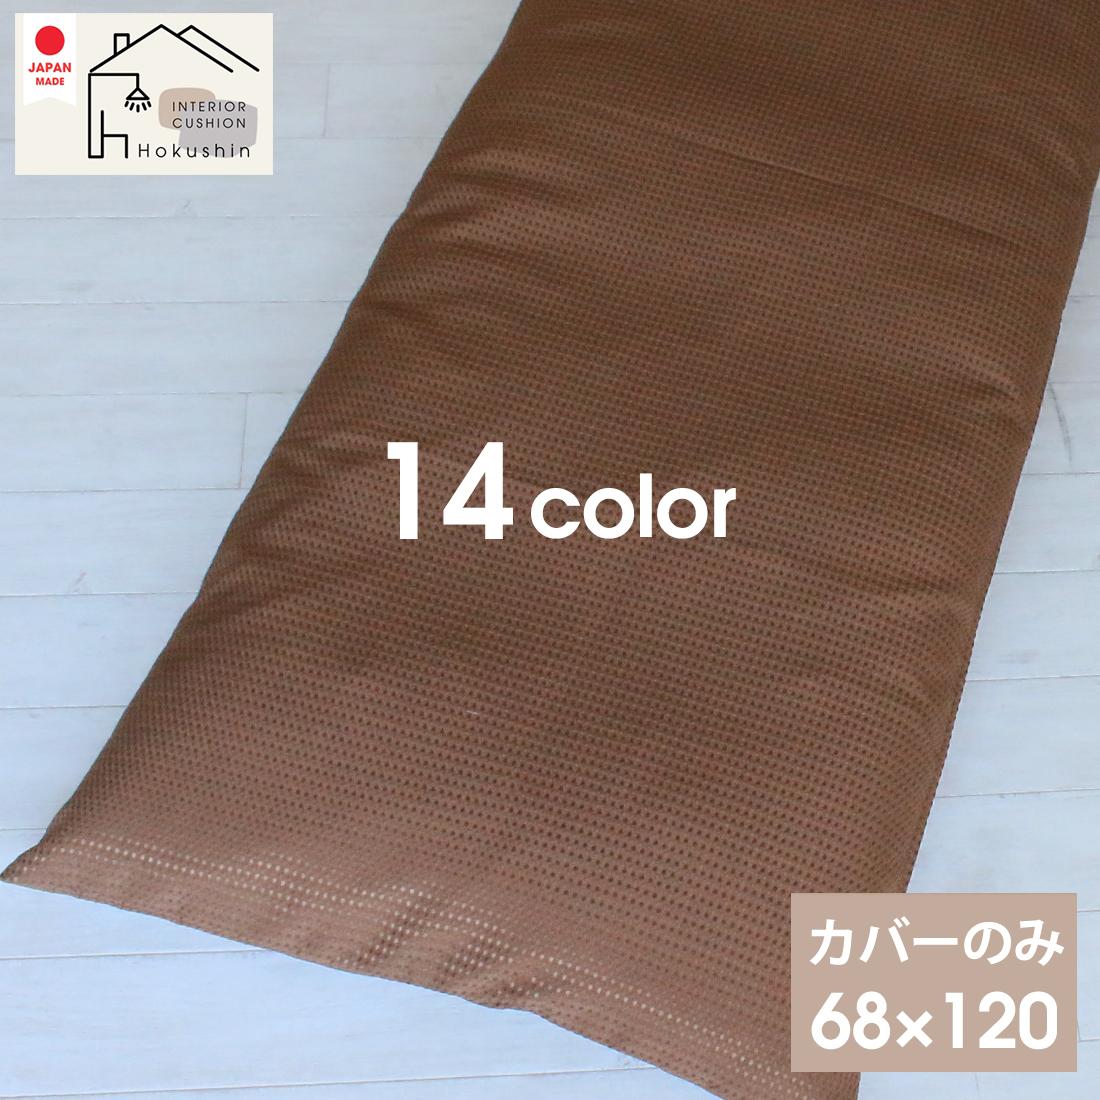 ワッフル 長座布団カバー 68×120 撥水加工 ワッフル生地 与え メール便 安い 激安 プチプラ 高品質 カバーのみ 日本製 送料無料 ギフト